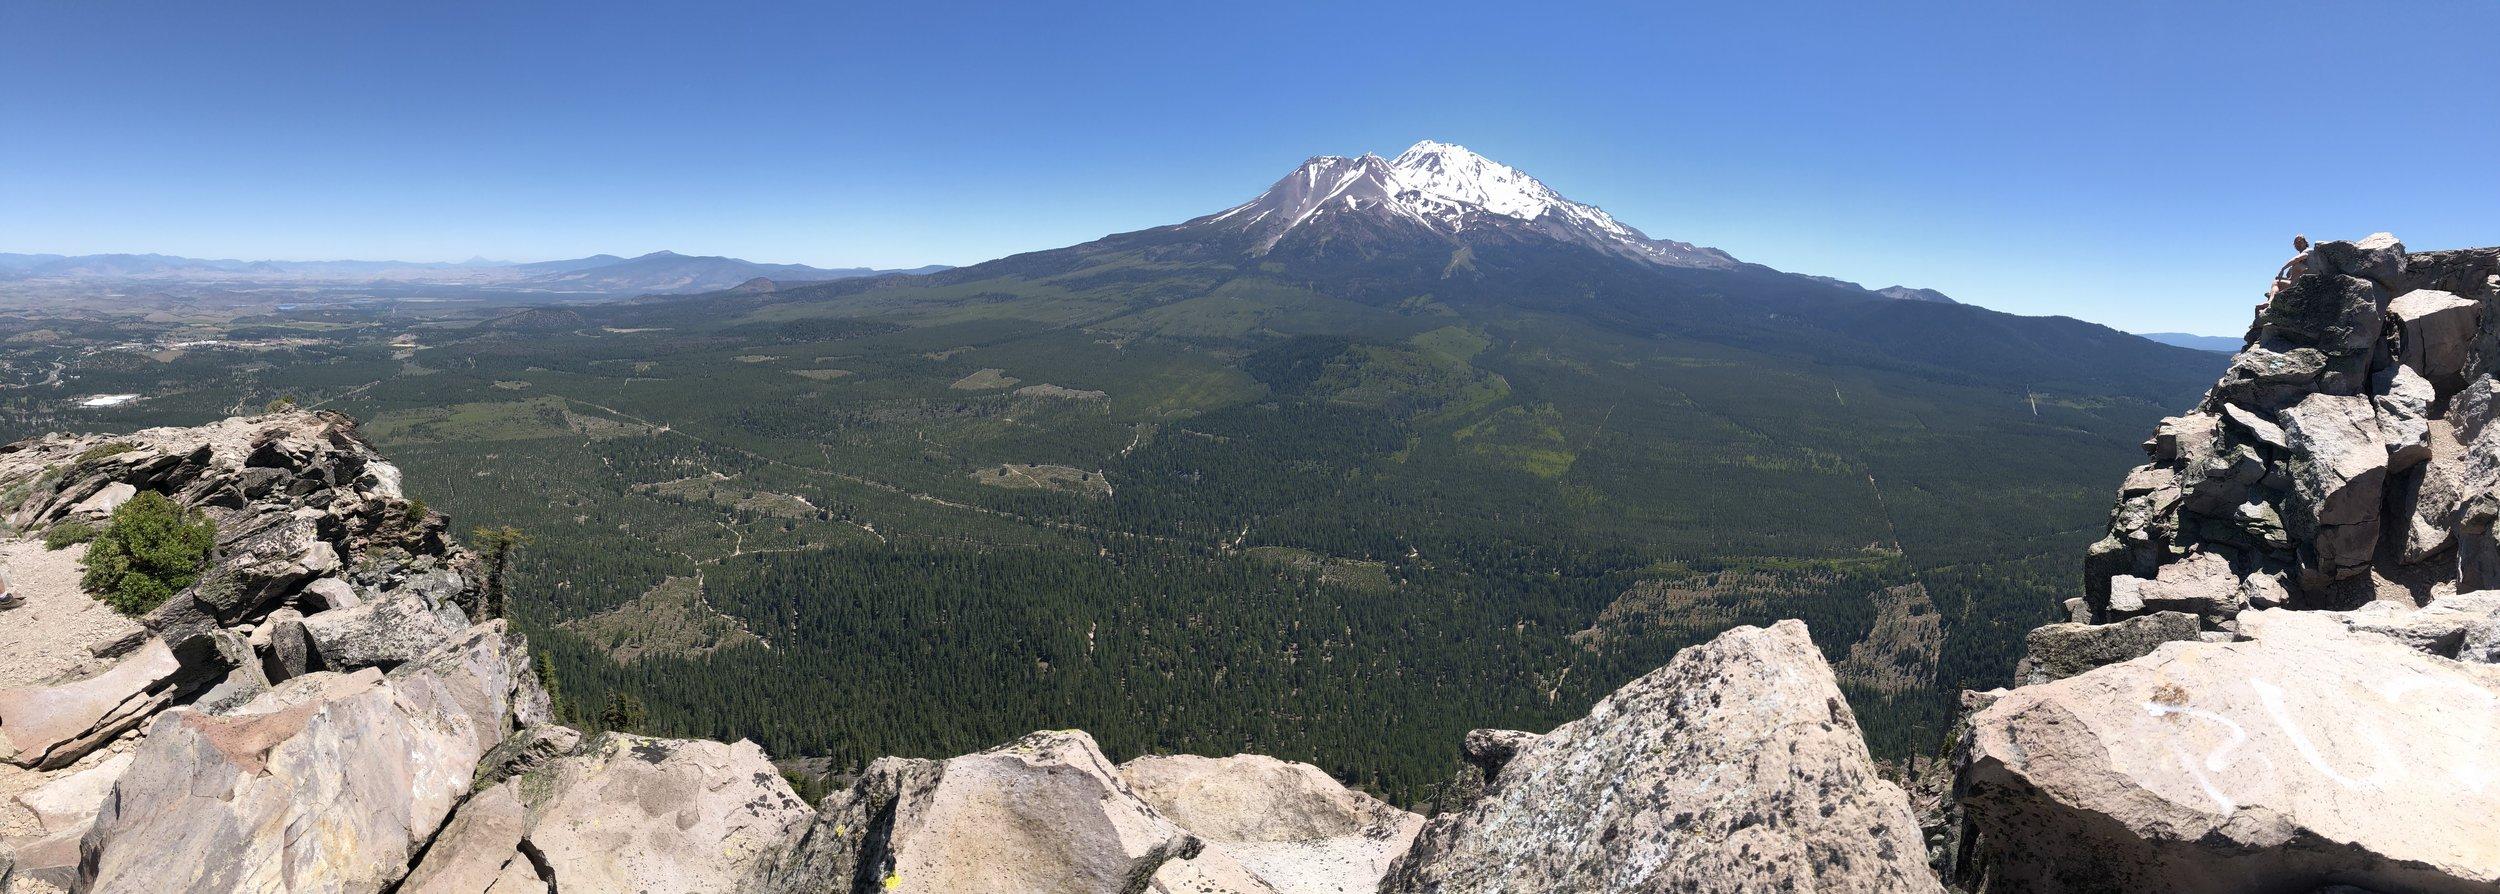 Black Butte summit view.